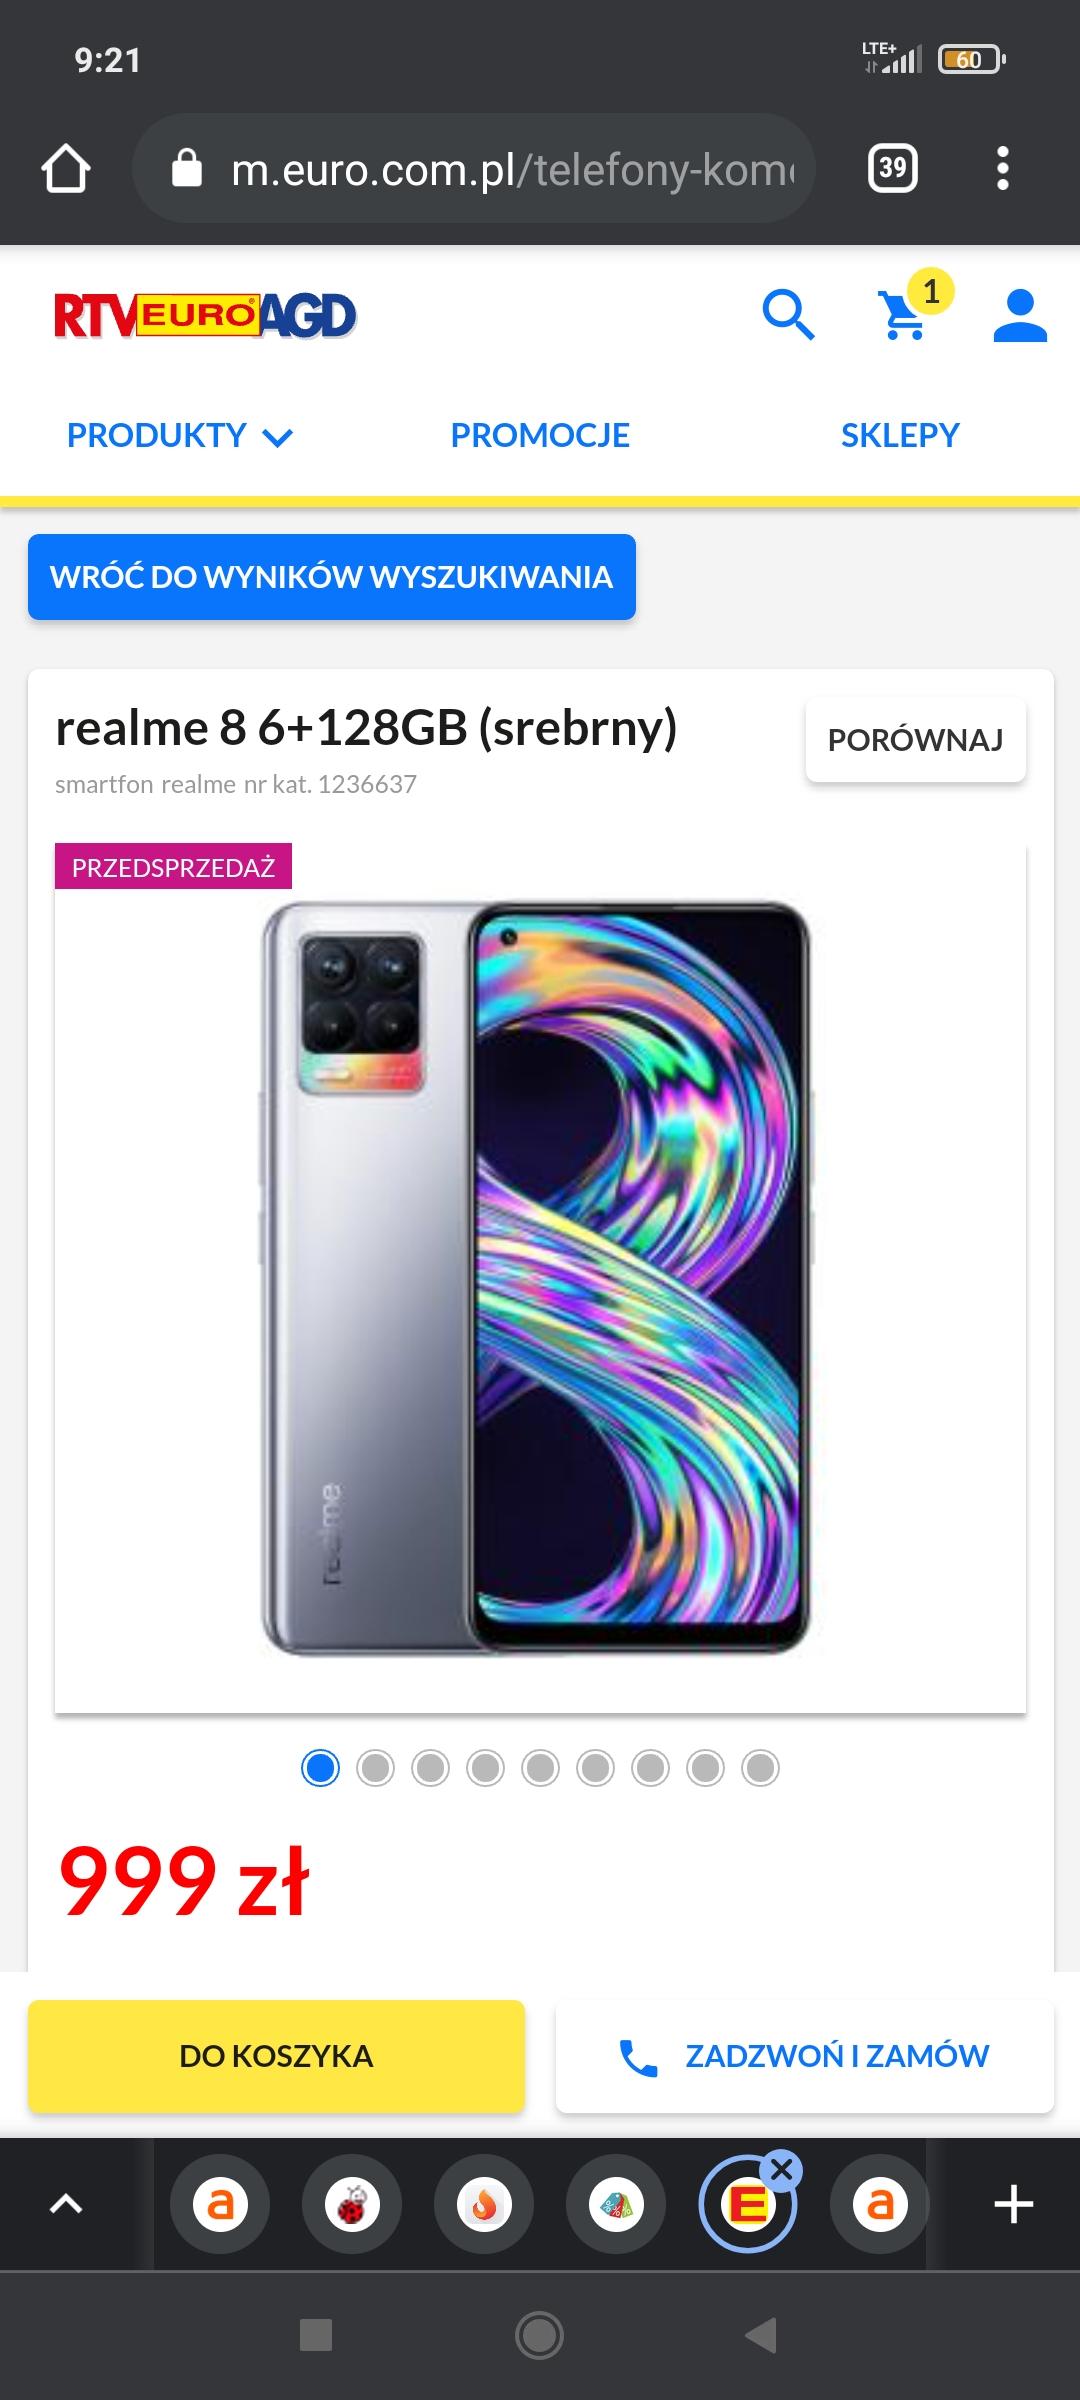 Telefon realme 8 6+128GB srebrny i czarny w przedsprzedaży w RTVeuroAGD